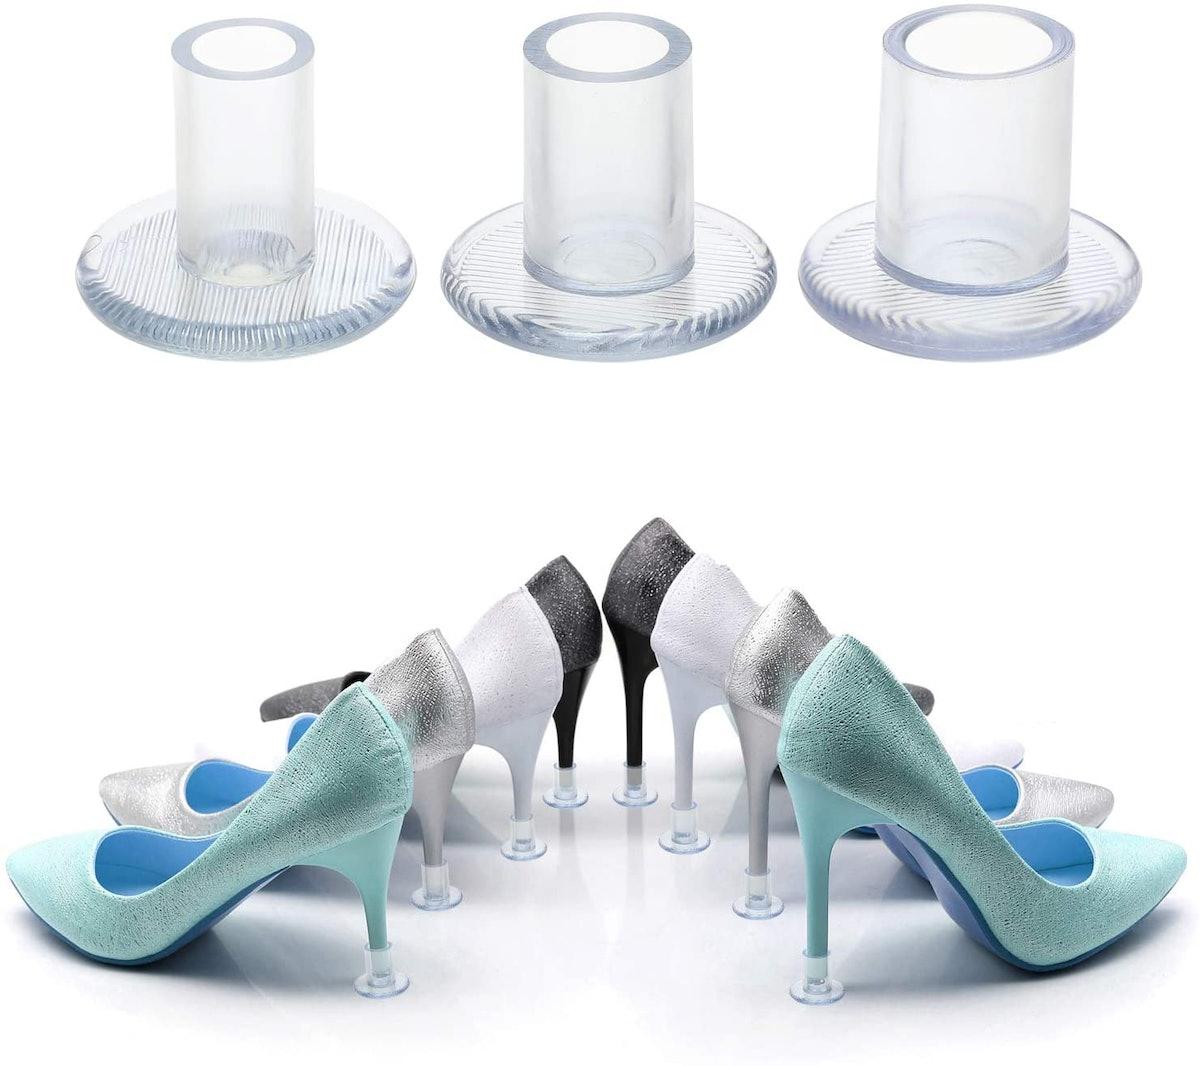 OOTSR High Heel Protectors